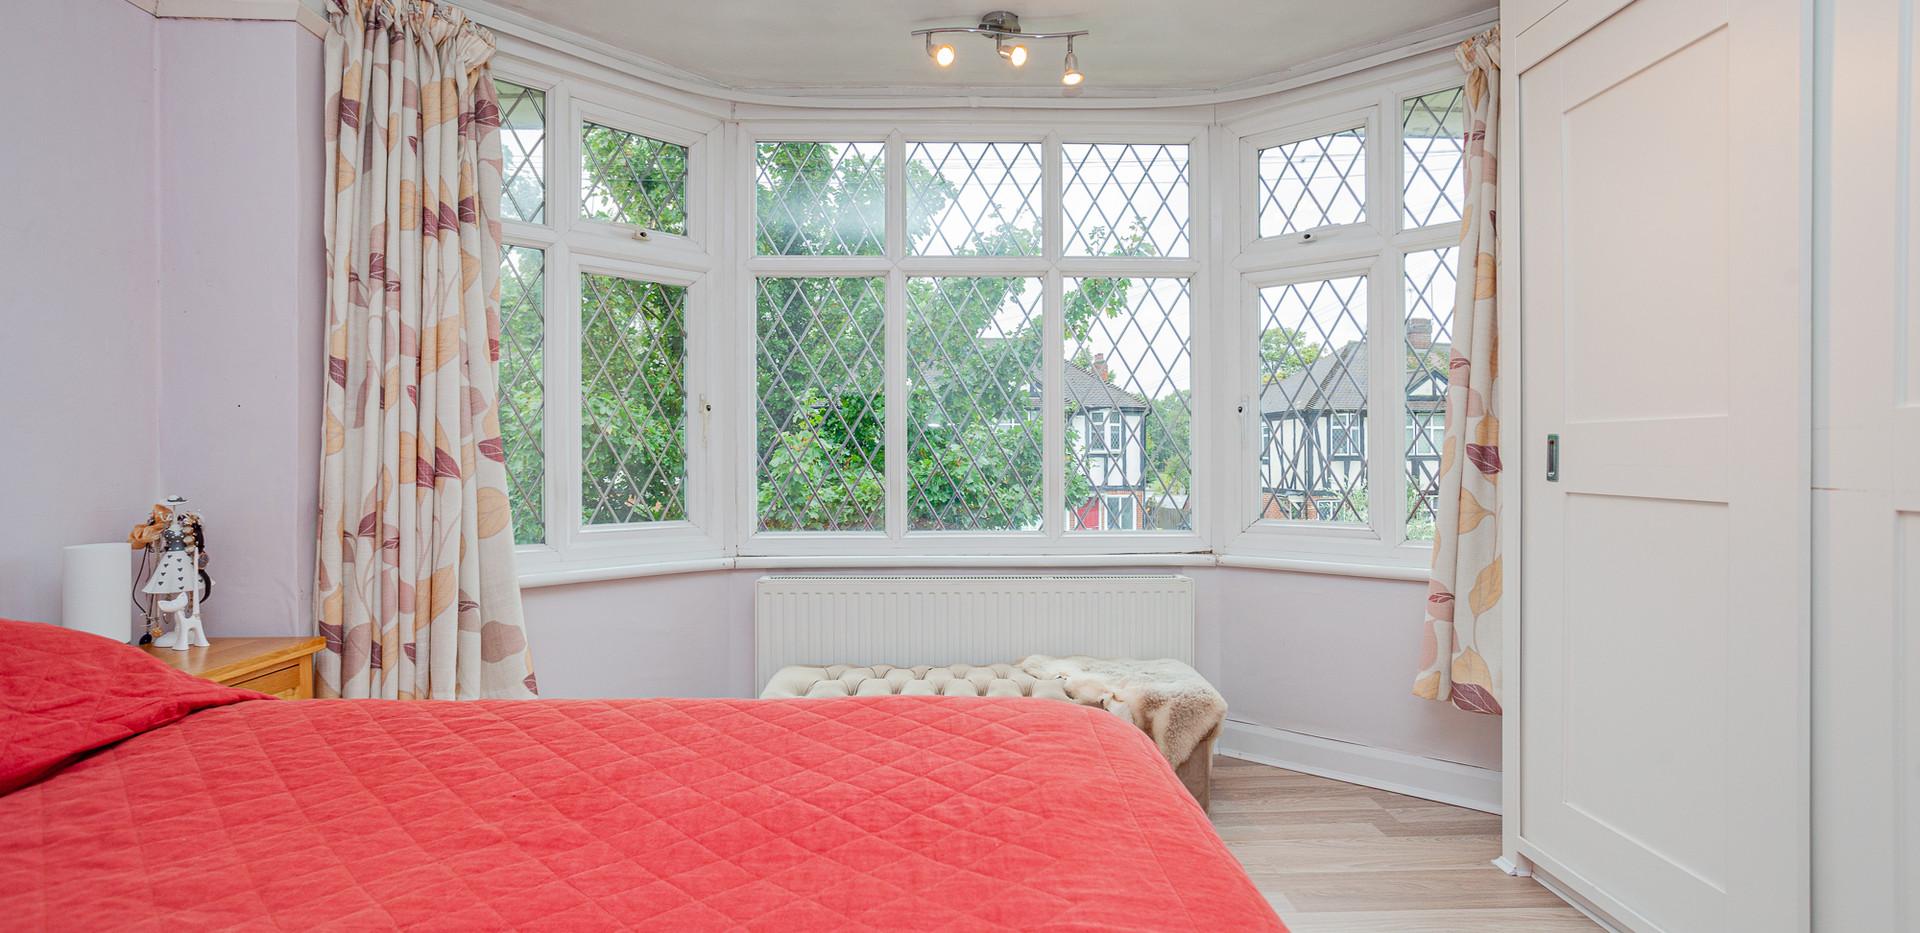 Aboyne-Drive-London-maisonette-IMG_9471.